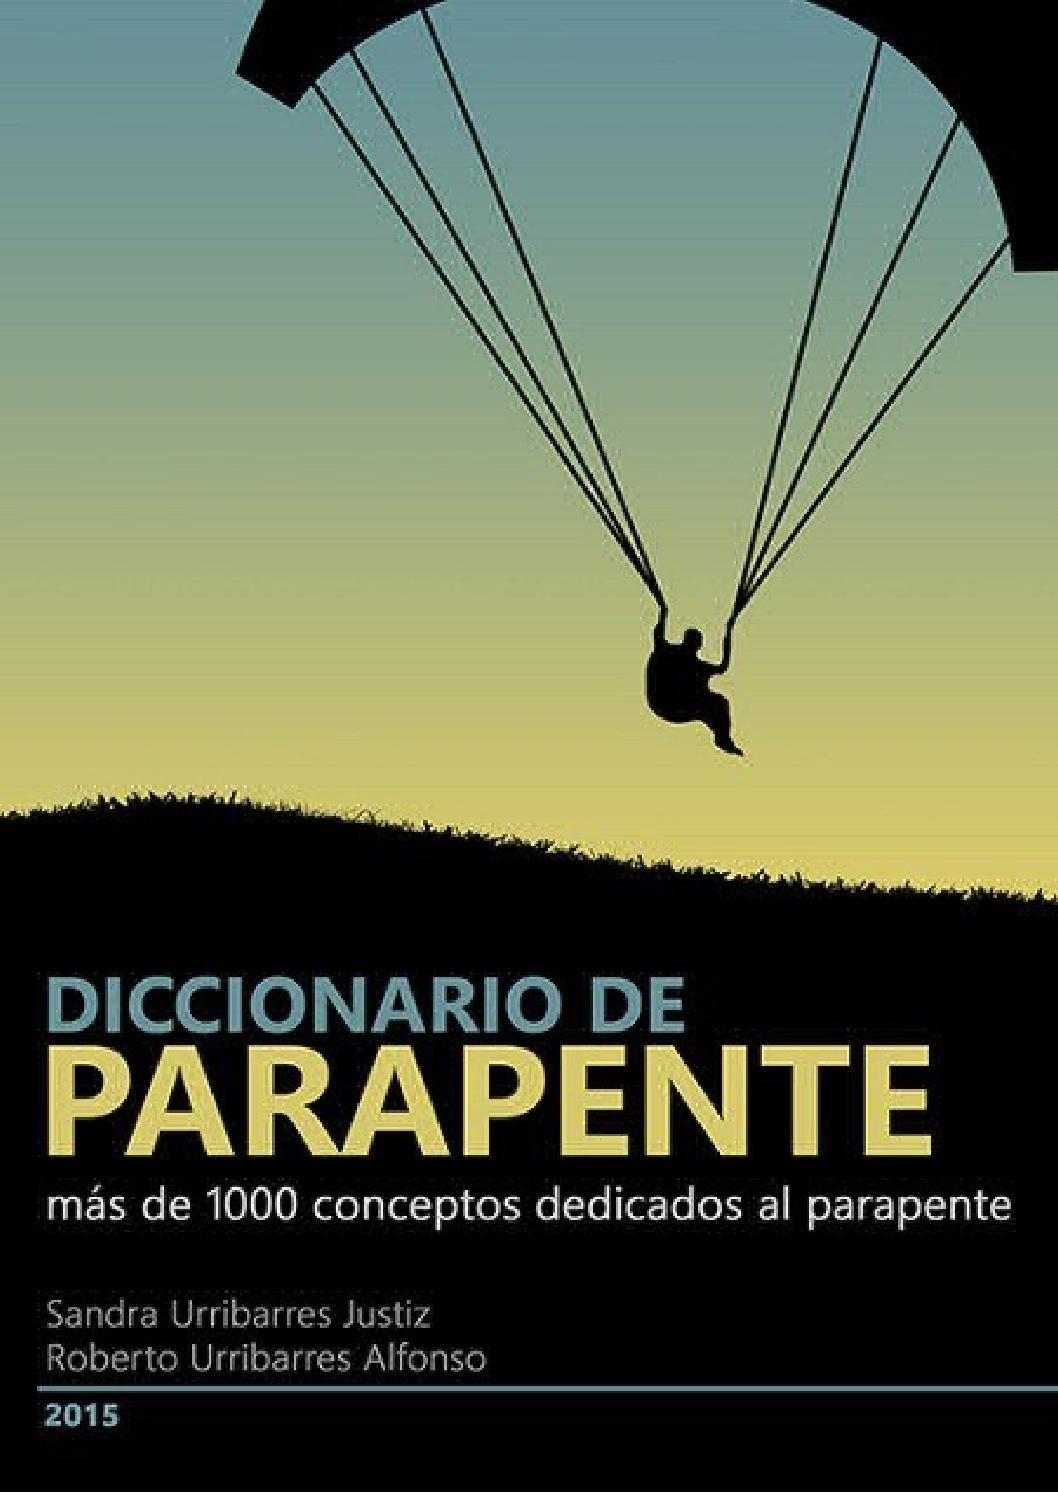 9f0b18196fd05 Diccionario del Parapente by www.kasana.es - issuu